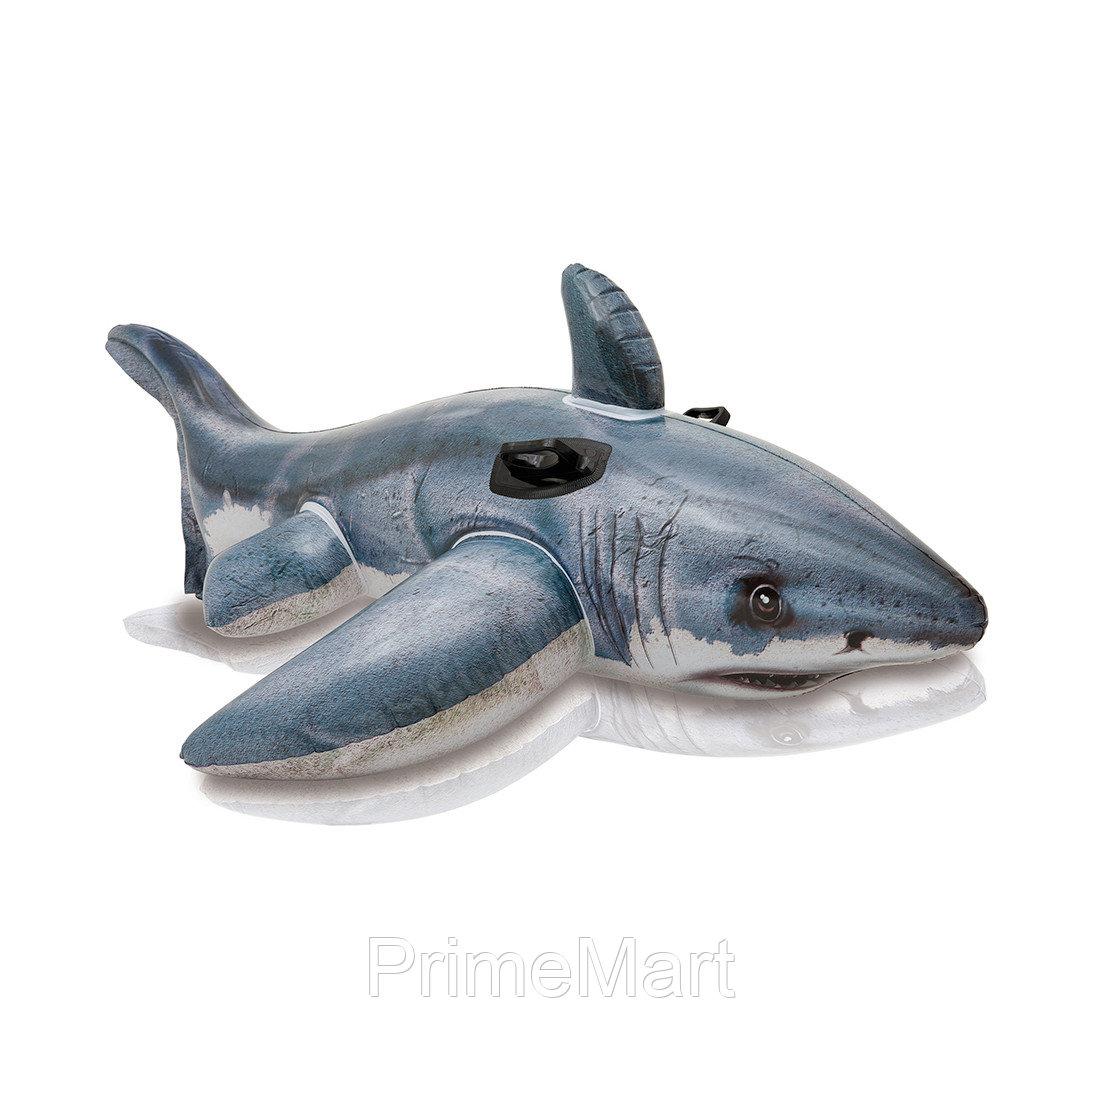 Надувная игрушка для катания верхом Большая Белая Акула 173 х 107 см, INTEX, 57525NP, Винил, Фотореалистичная печать, С ручками, Цветная коробка